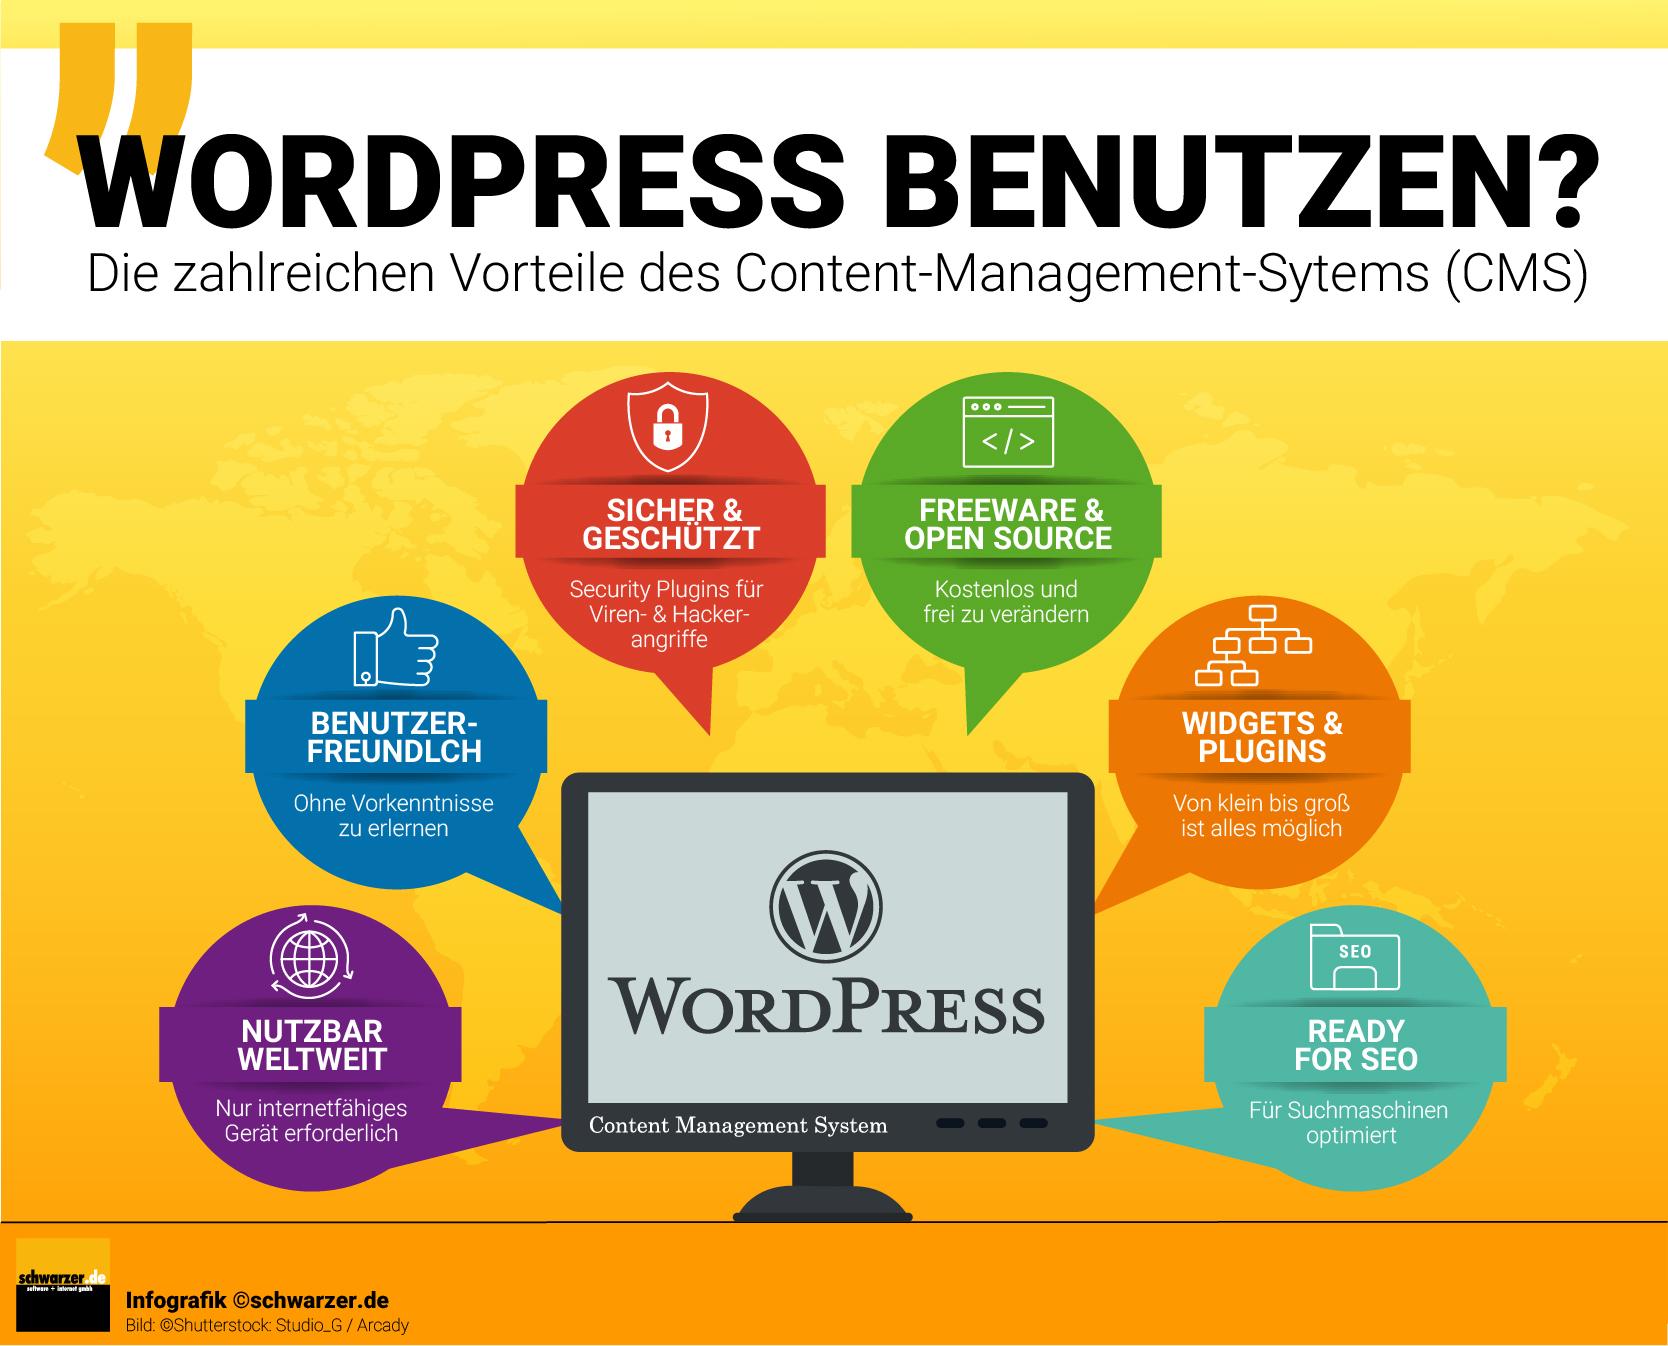 Infografik: WordPress benutzen? Die zahlreichen Vorteile des Content Management Systems (CMS).